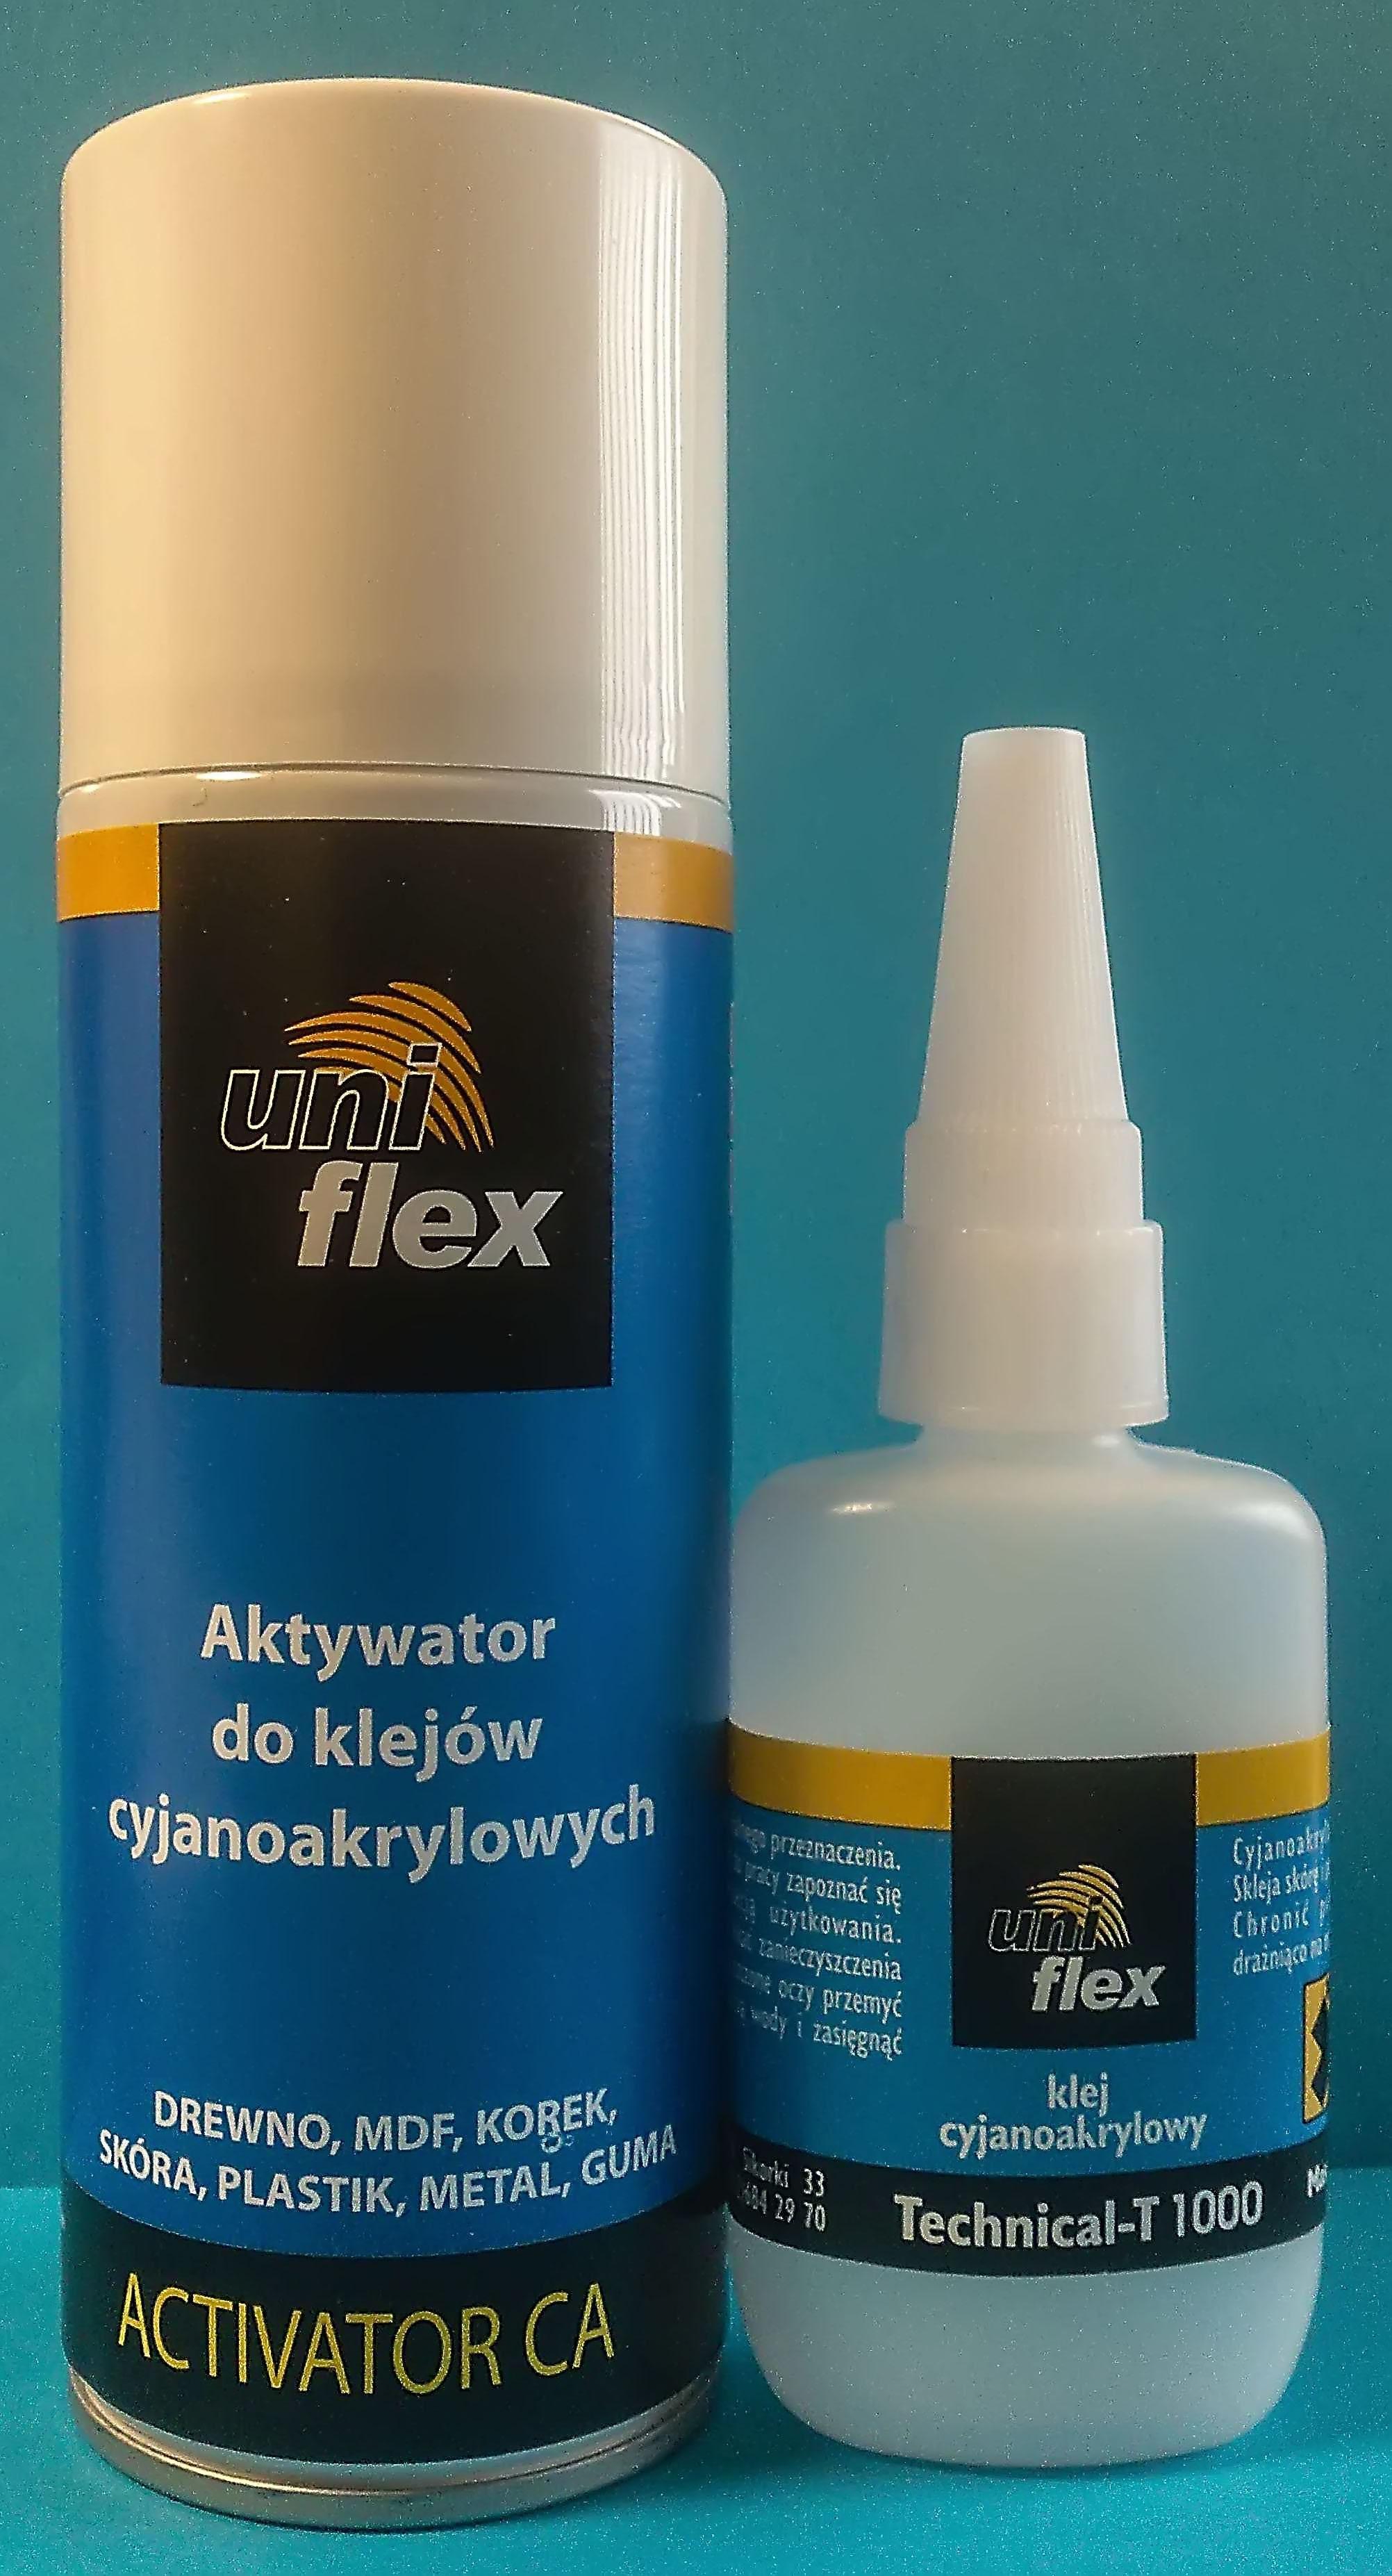 UNIFLEX Technical T1000 plus Activator